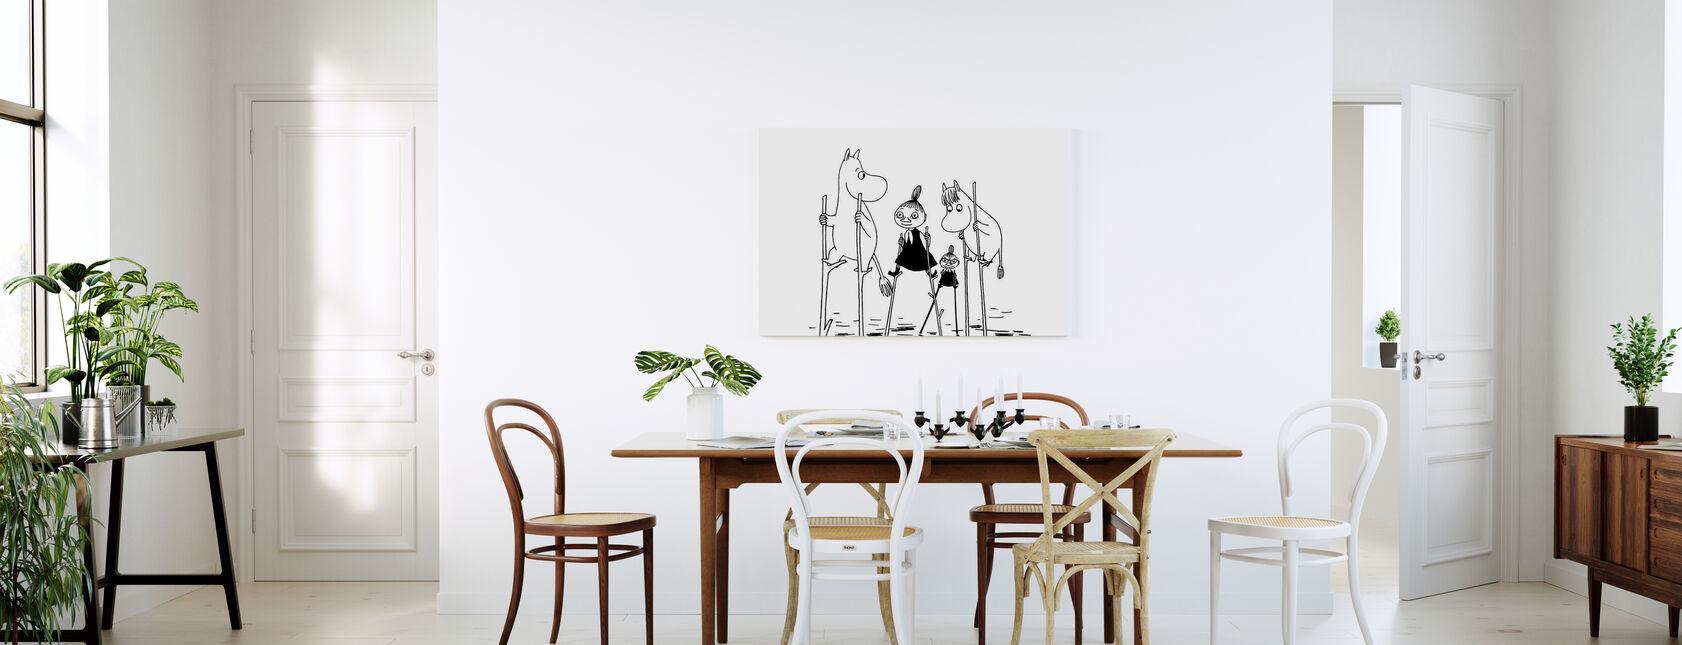 Moomin - Treasures Lost at Sea - Canvas print - Kitchen